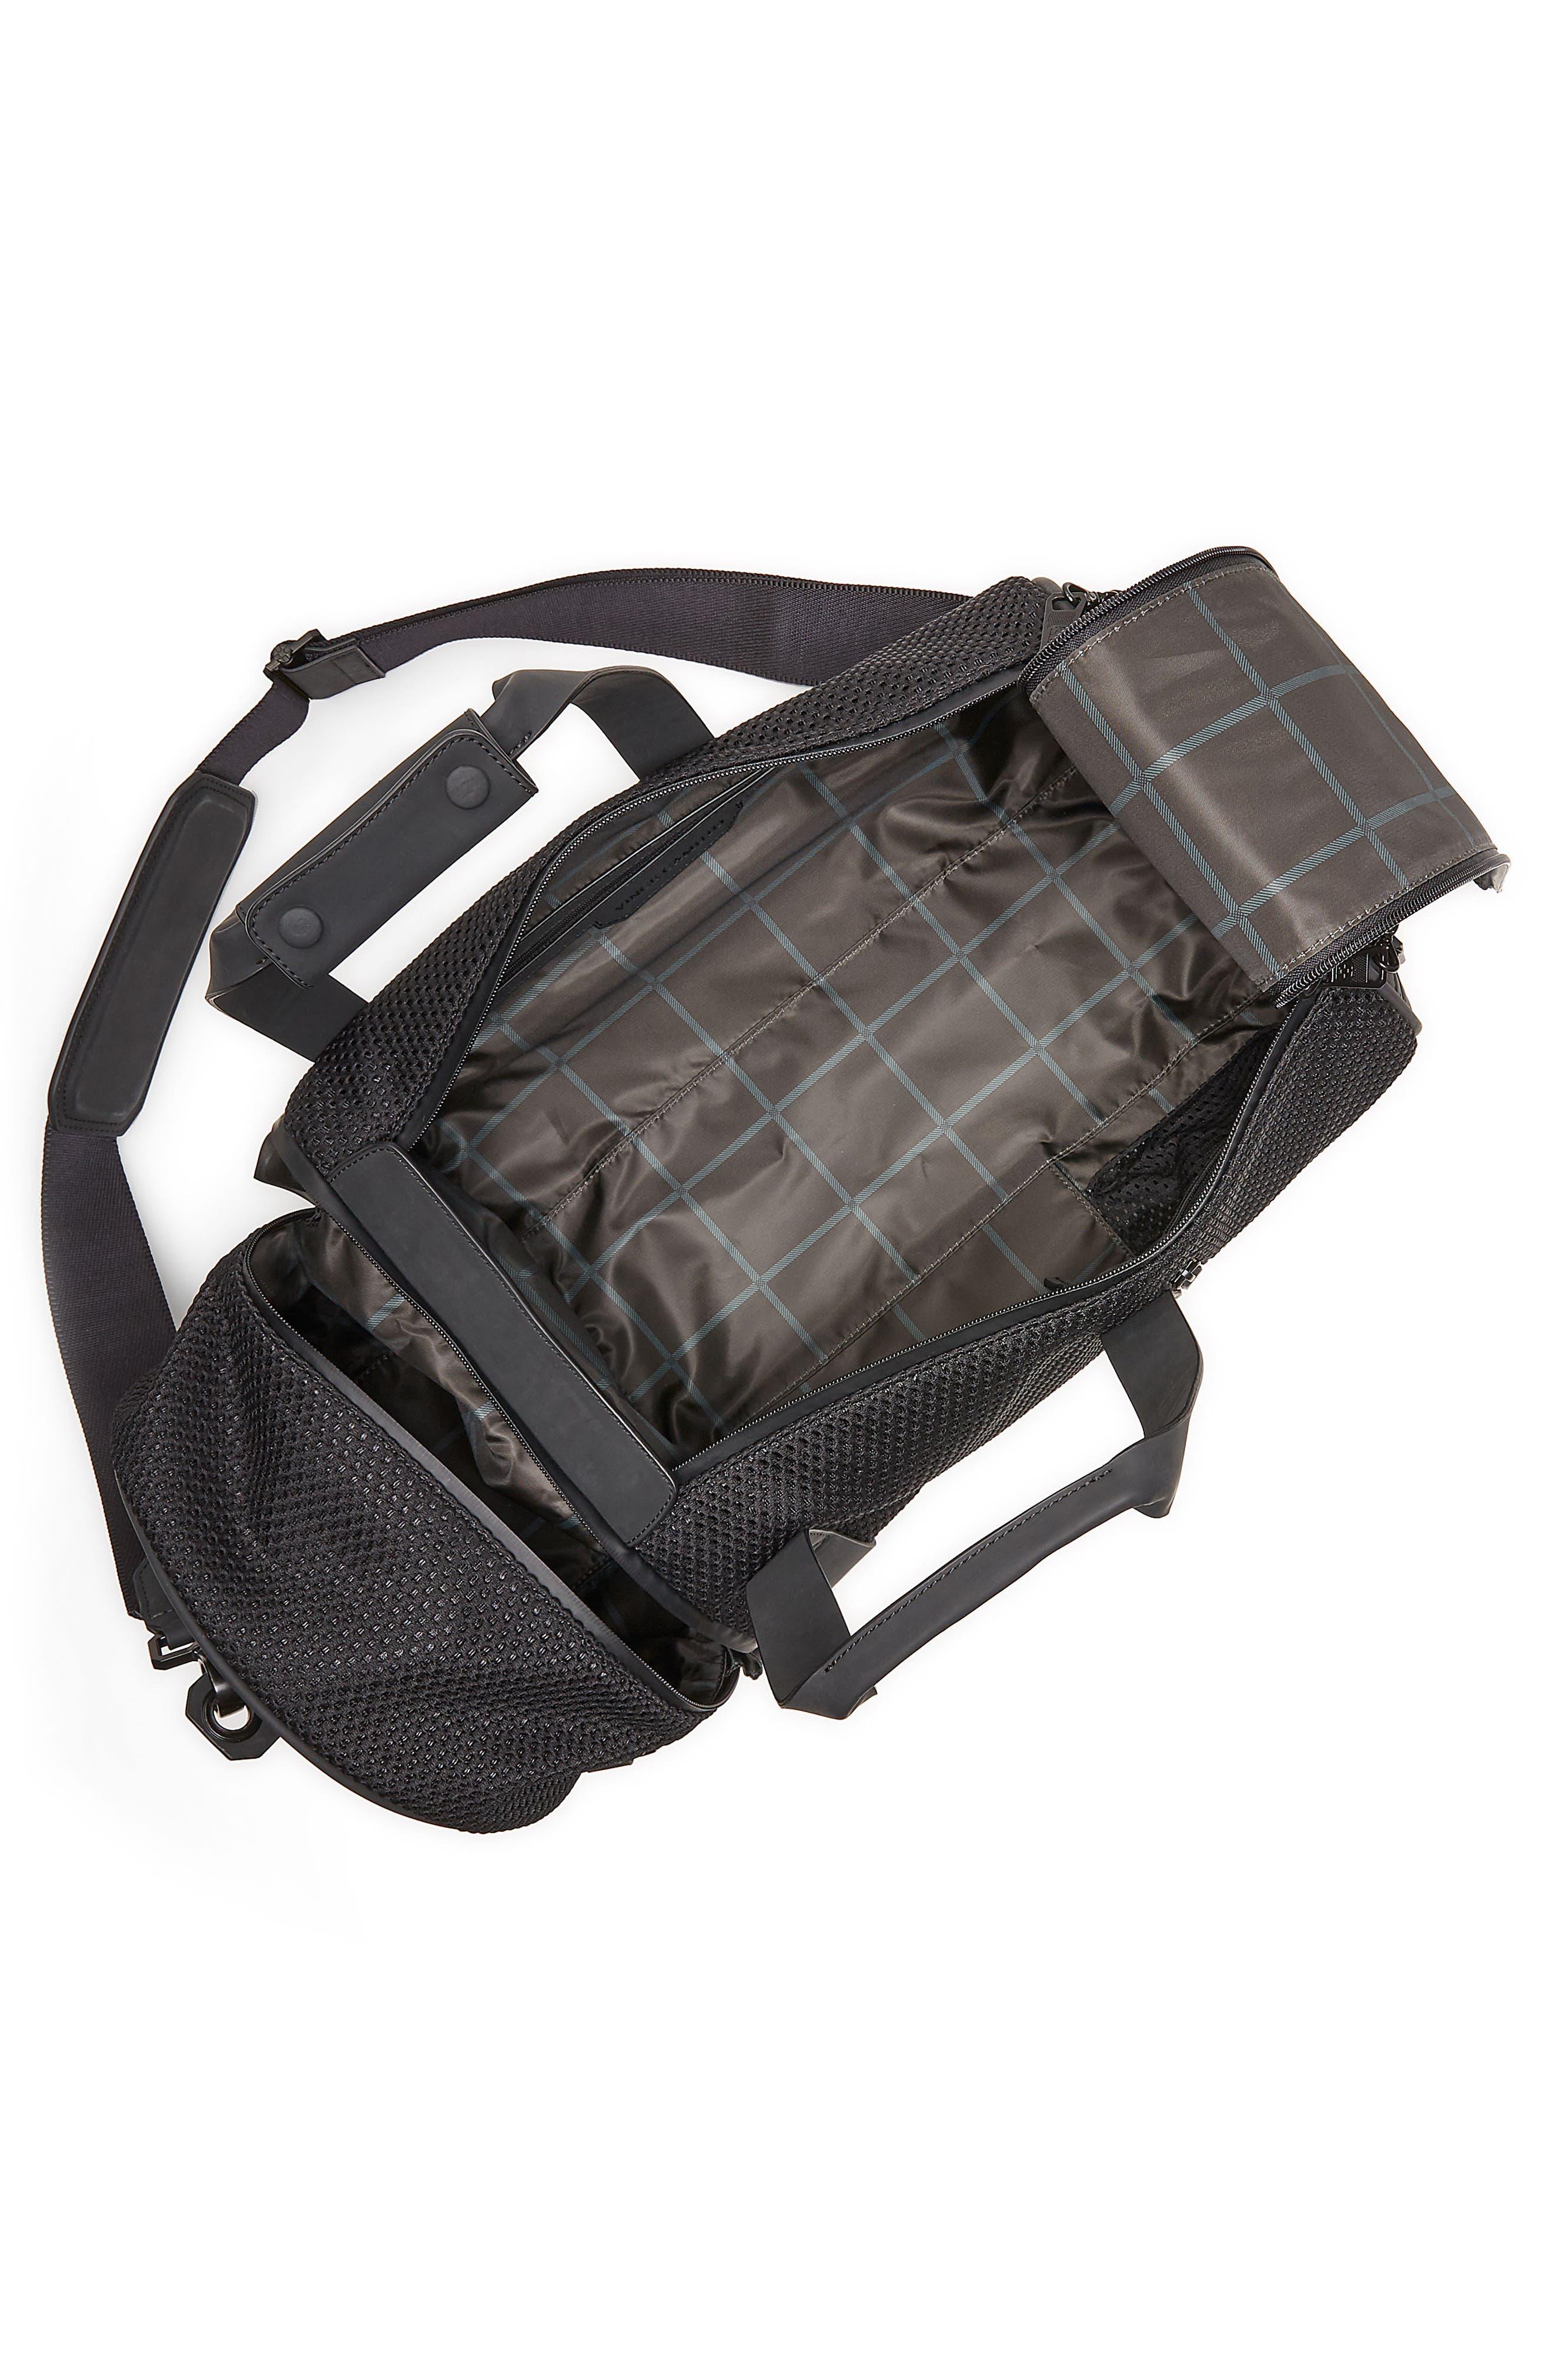 Urban Mesh Duffel Bag,                             Alternate thumbnail 3, color,                             002